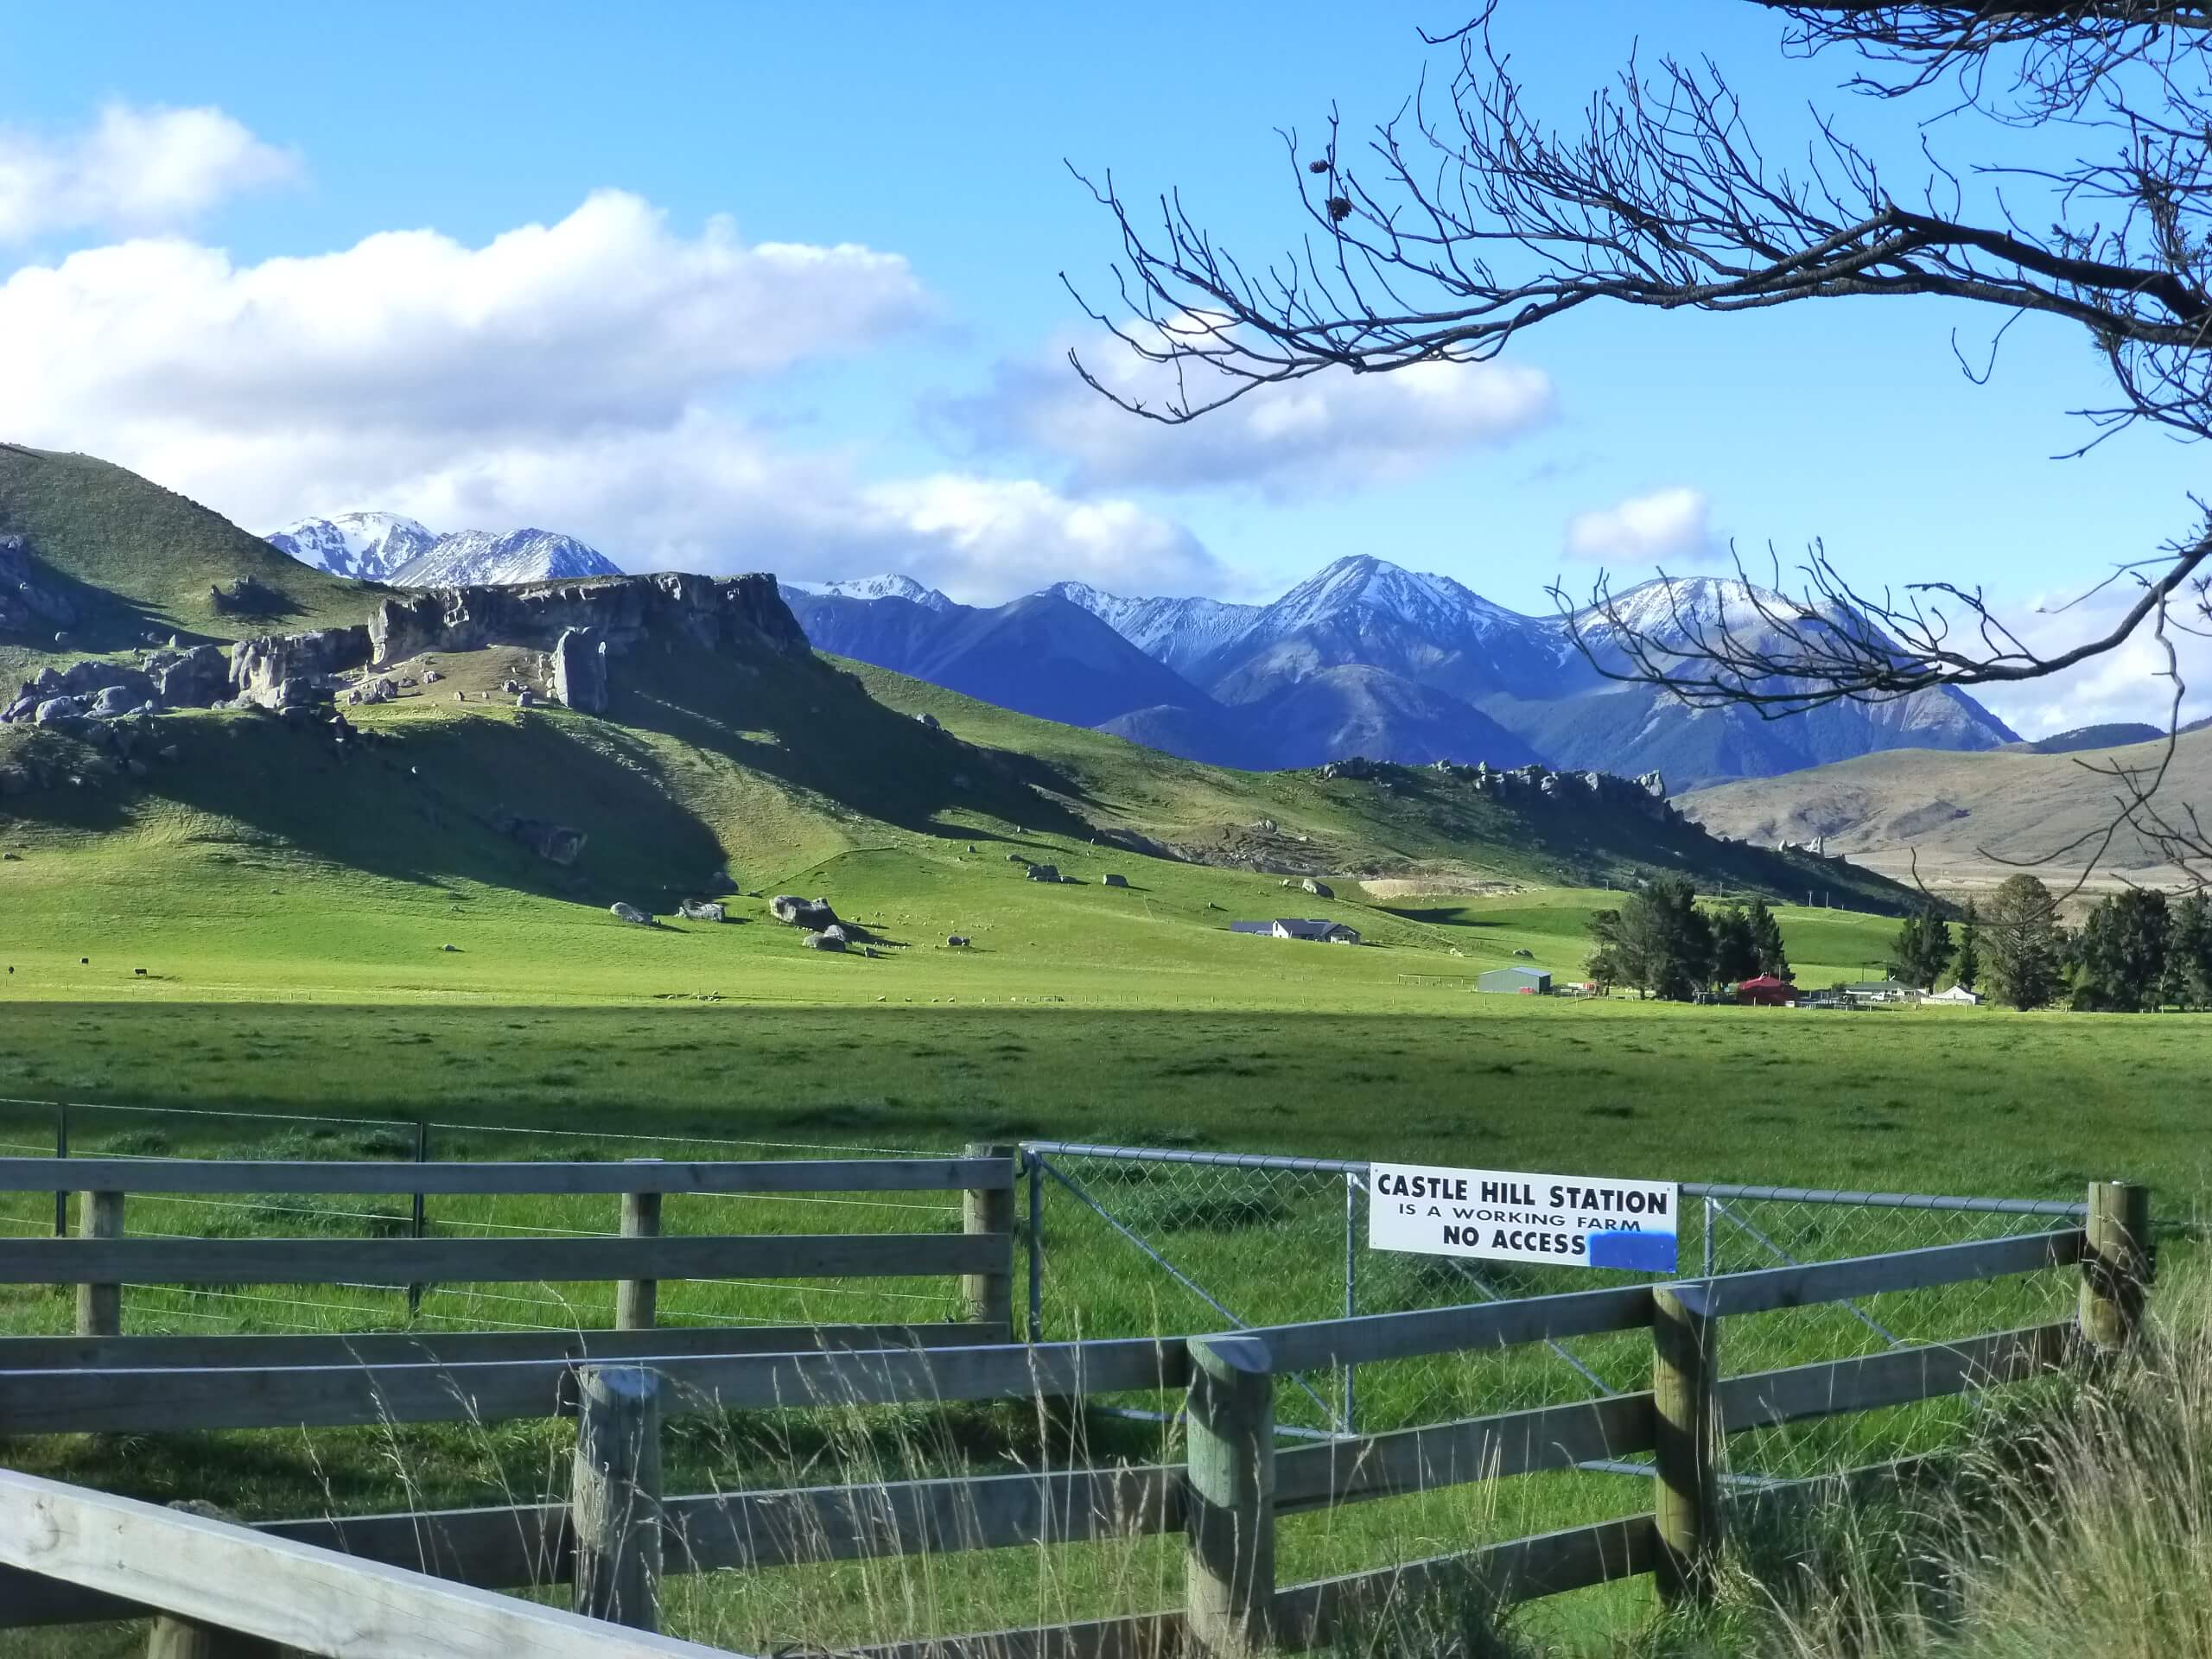 Castle Hill Neuseeland an der S73, Südinsel 3